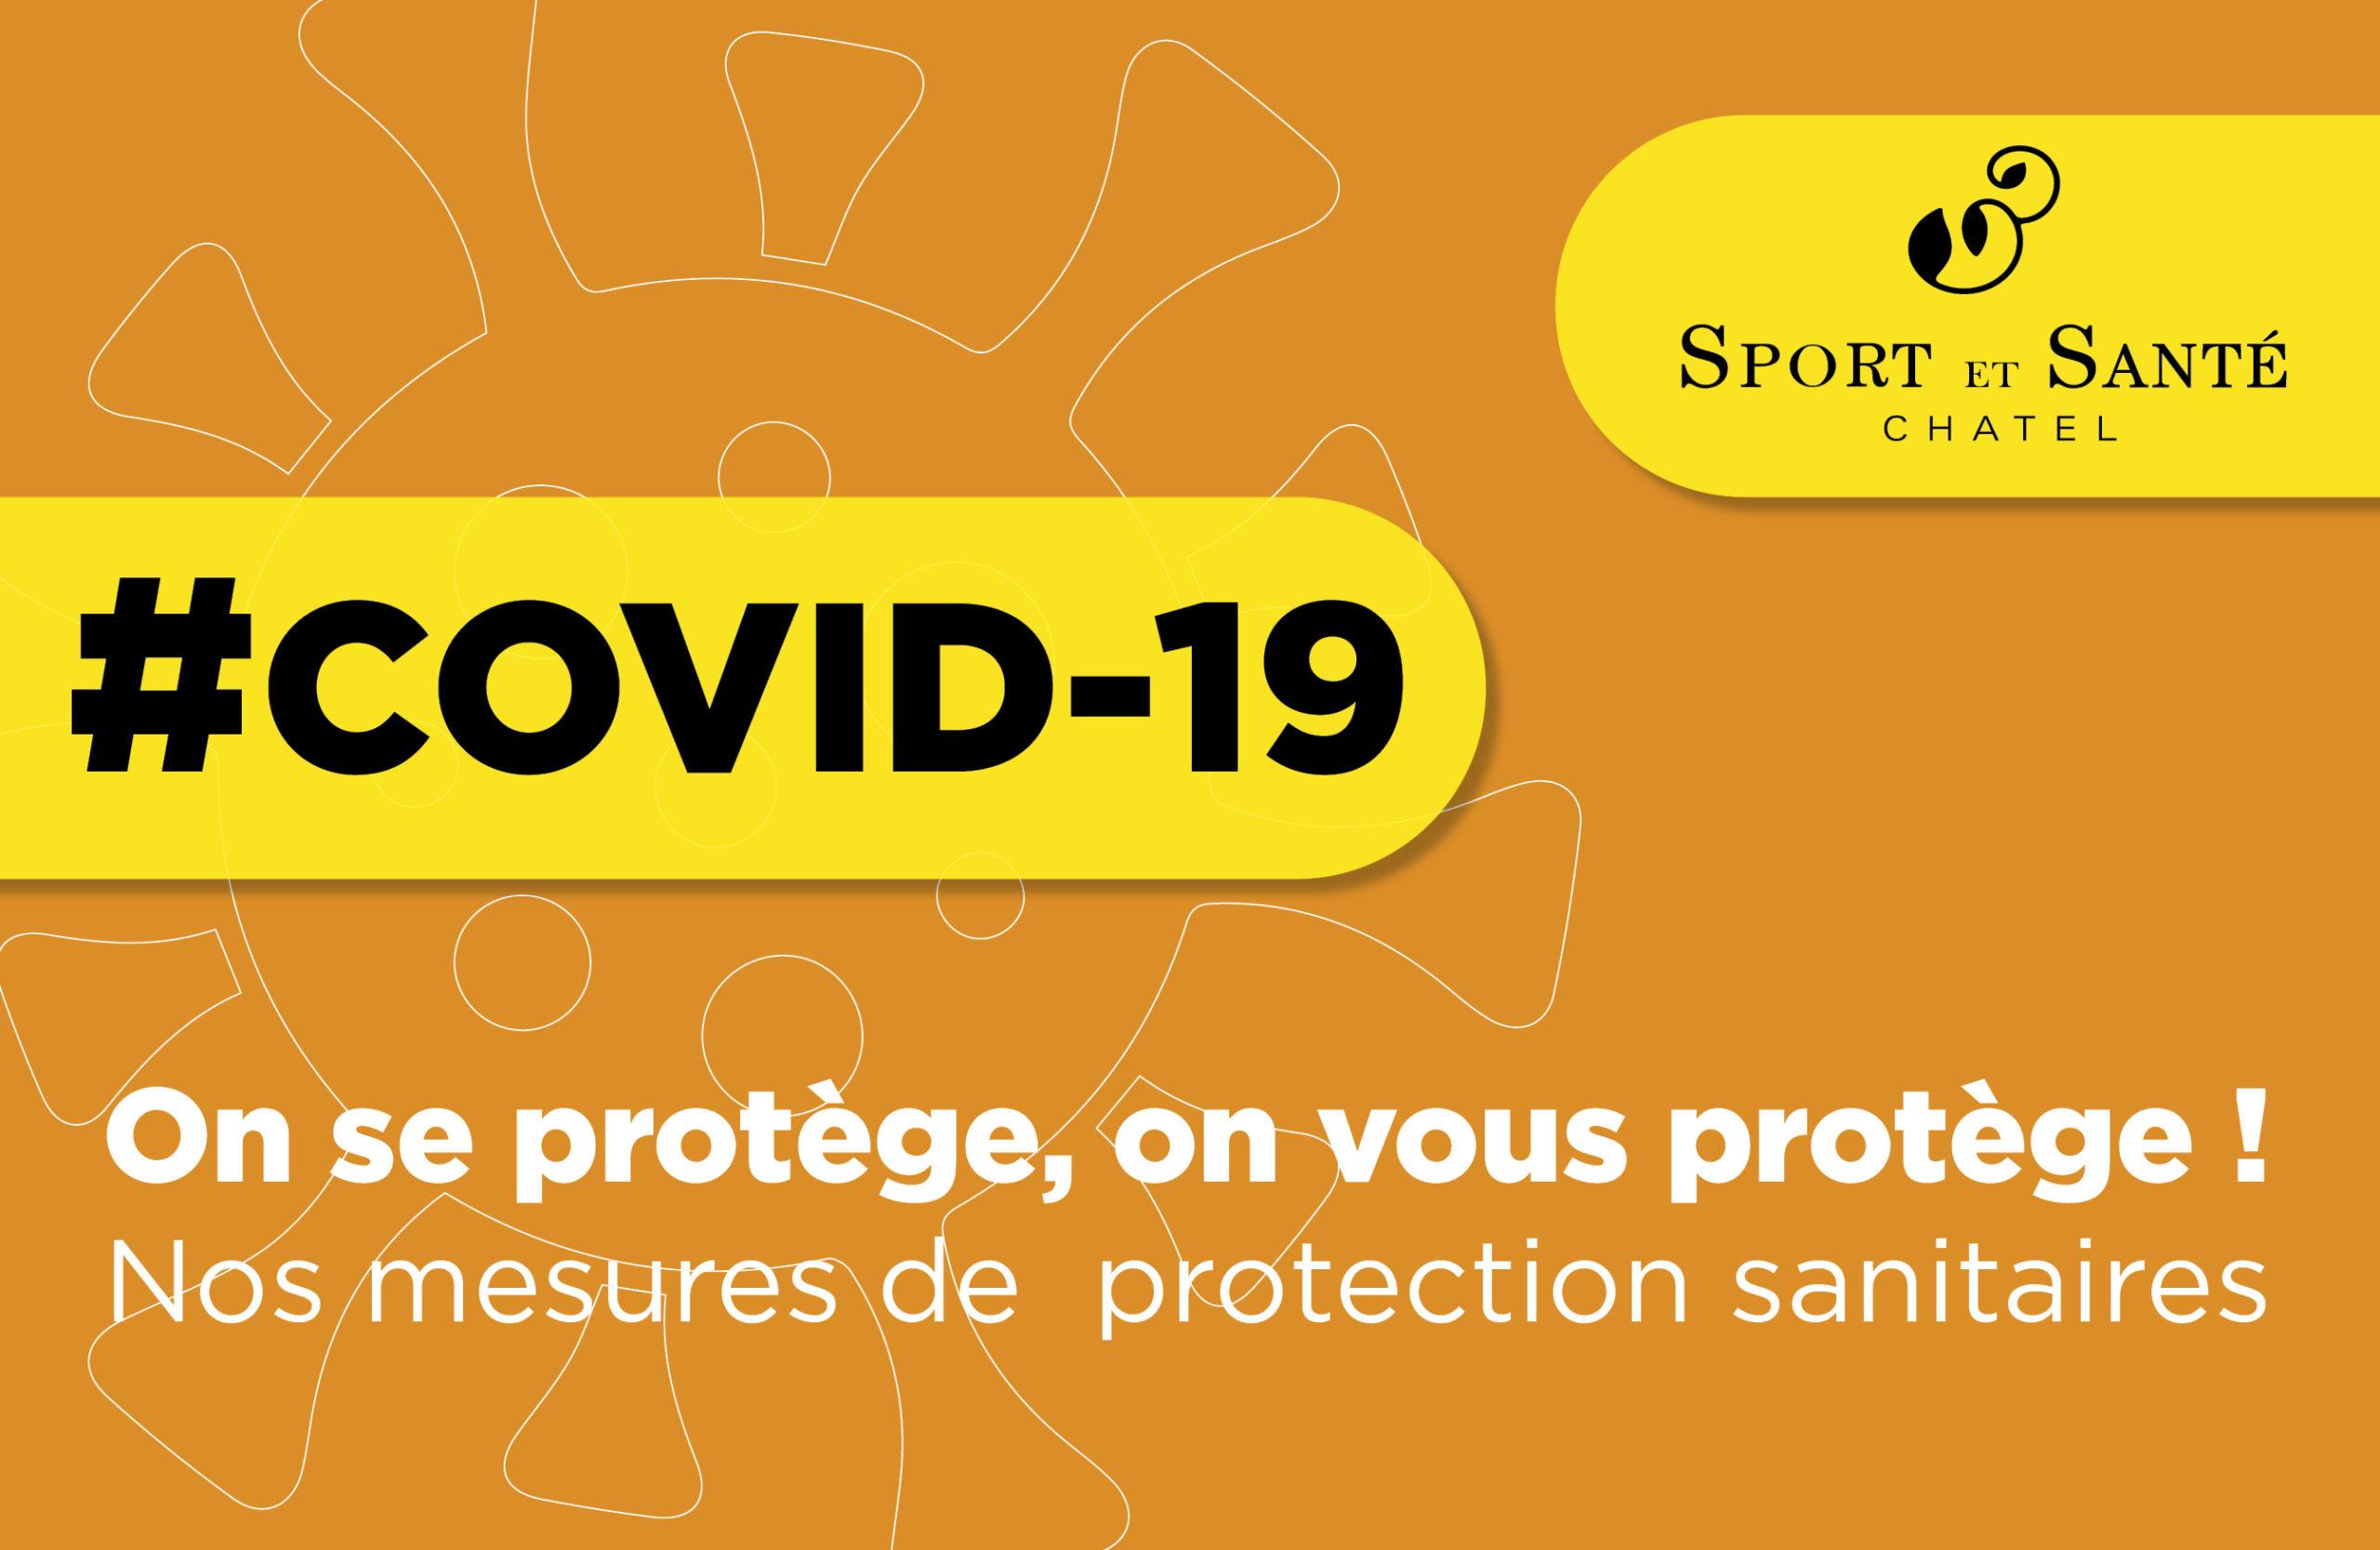 Restrictions et mesures sanitaires liées au COVID-19